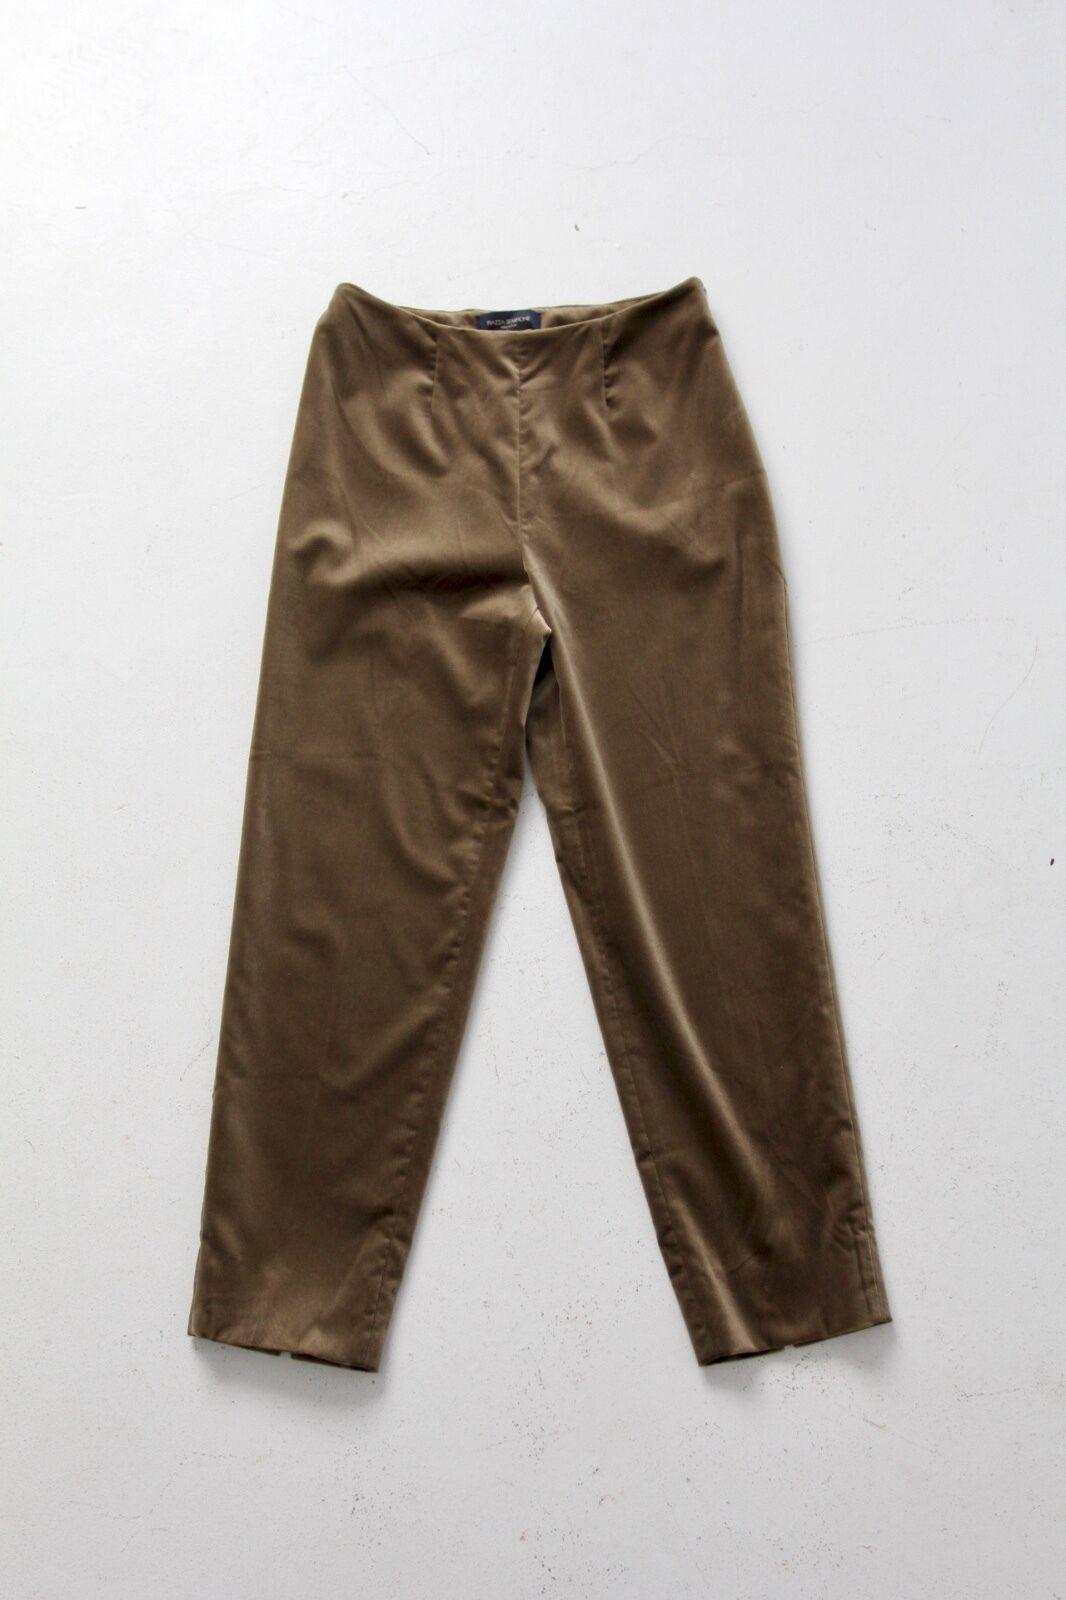 Piazza Sempione Audrey crop velvet pants velveteen olive braun slacks Größe 6